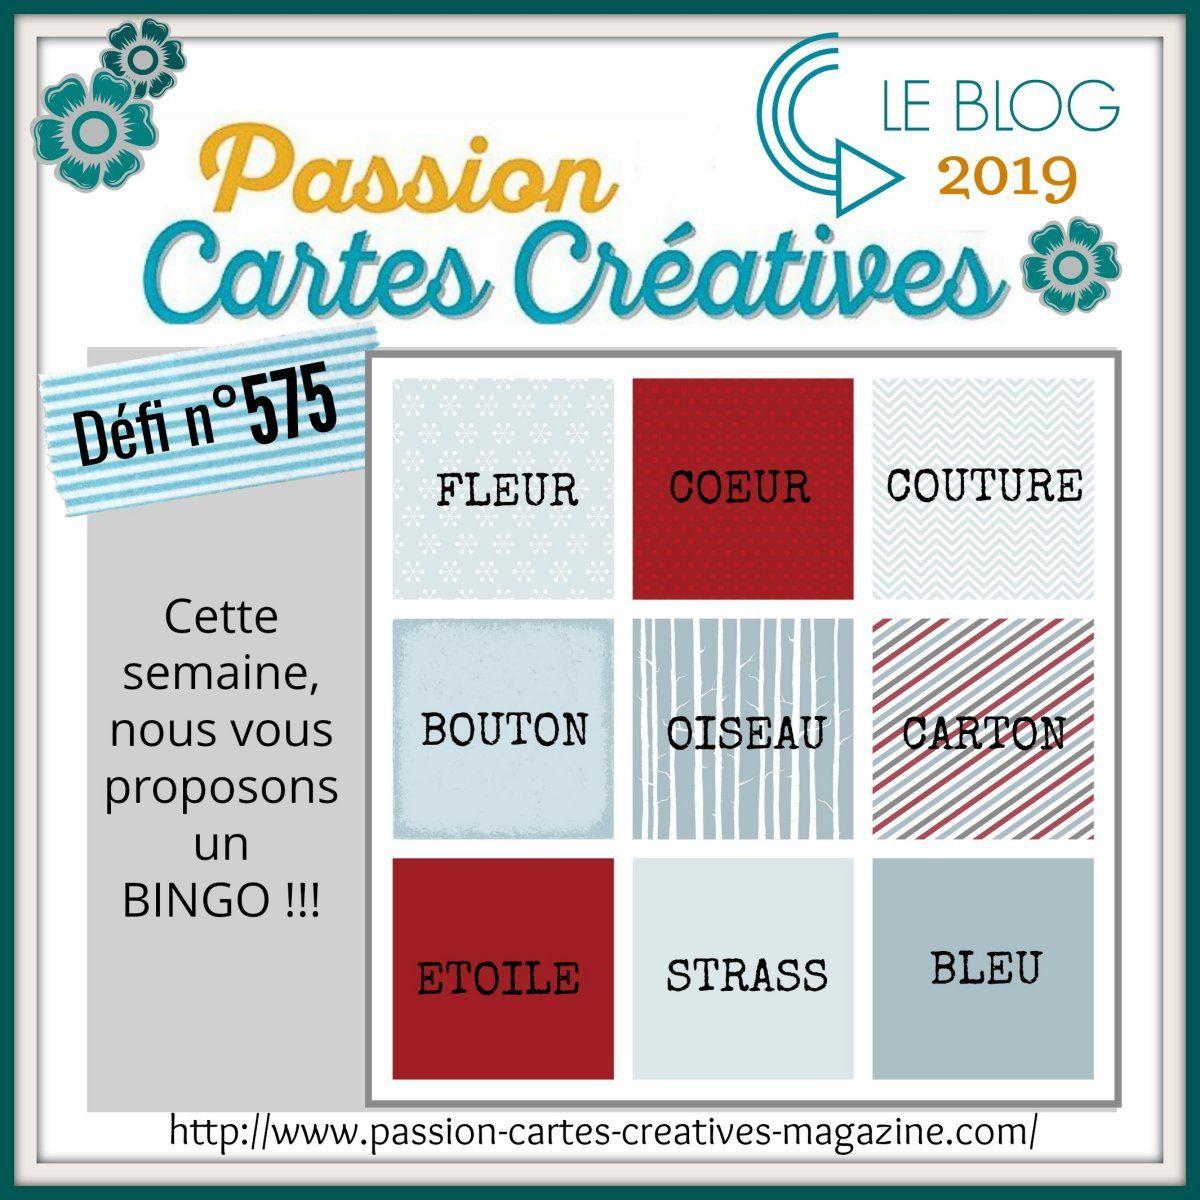 Défi 575 de Passion Cartes Créatives